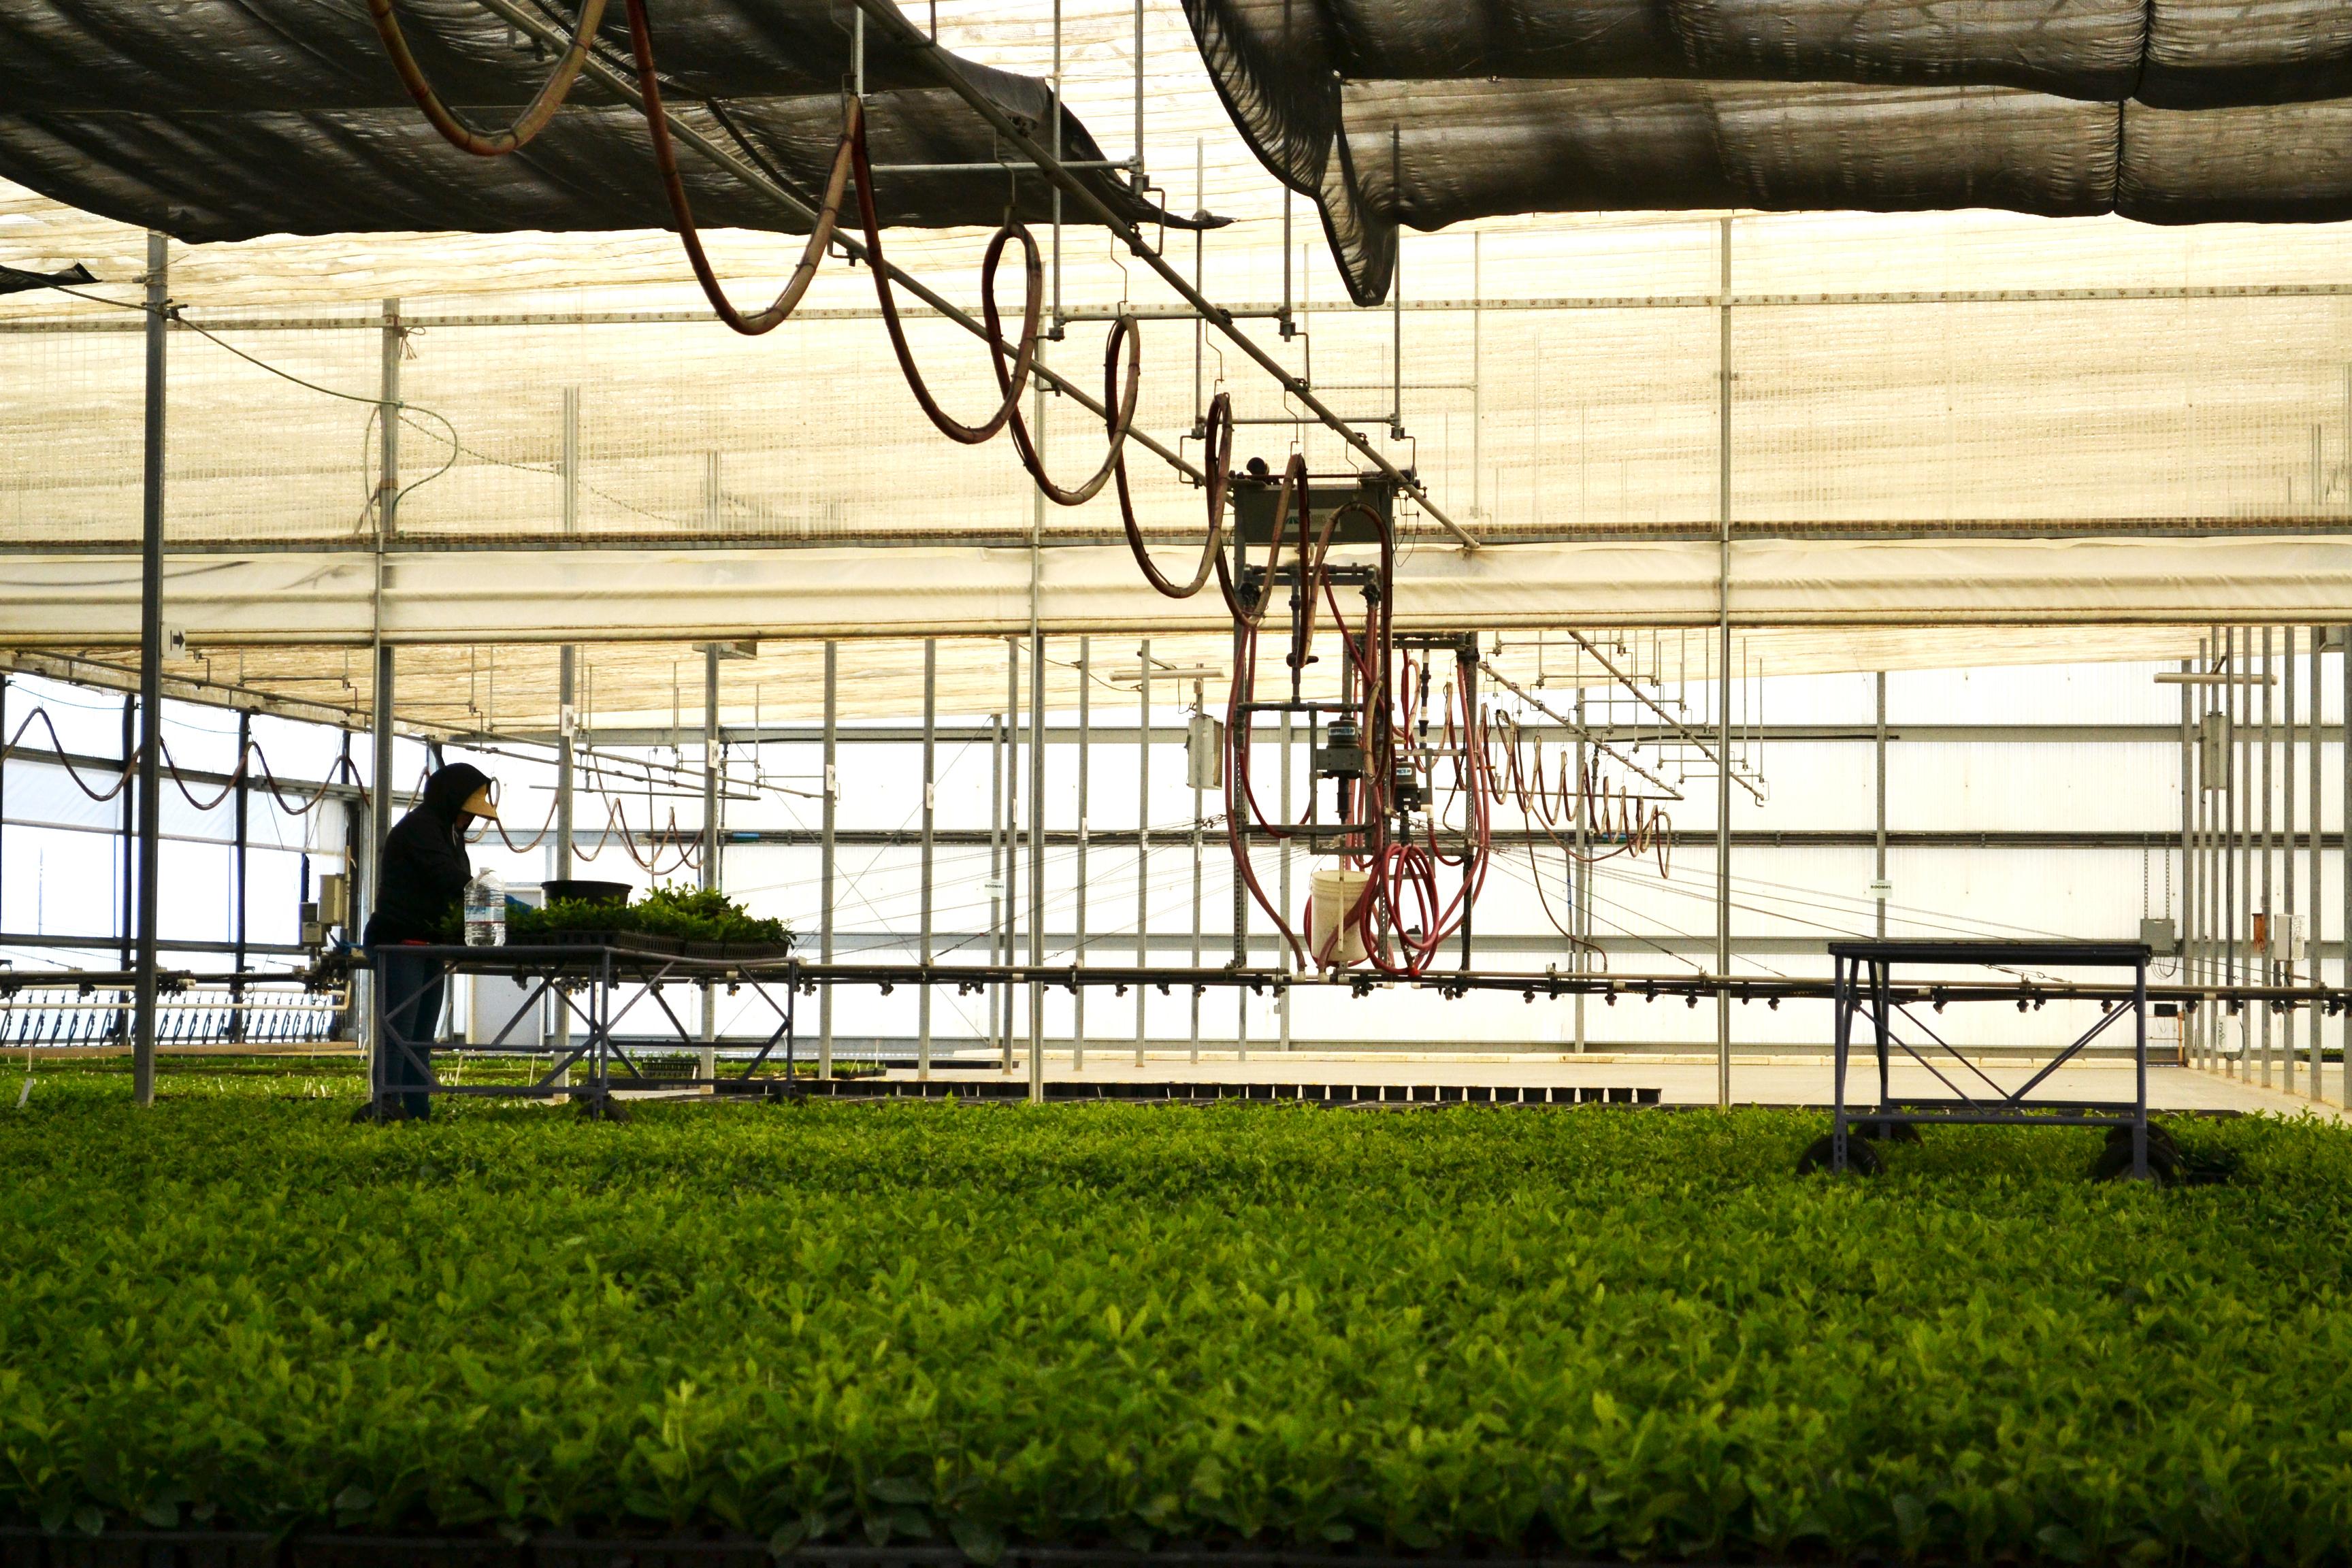 Treetown Usa To Showcase Plants